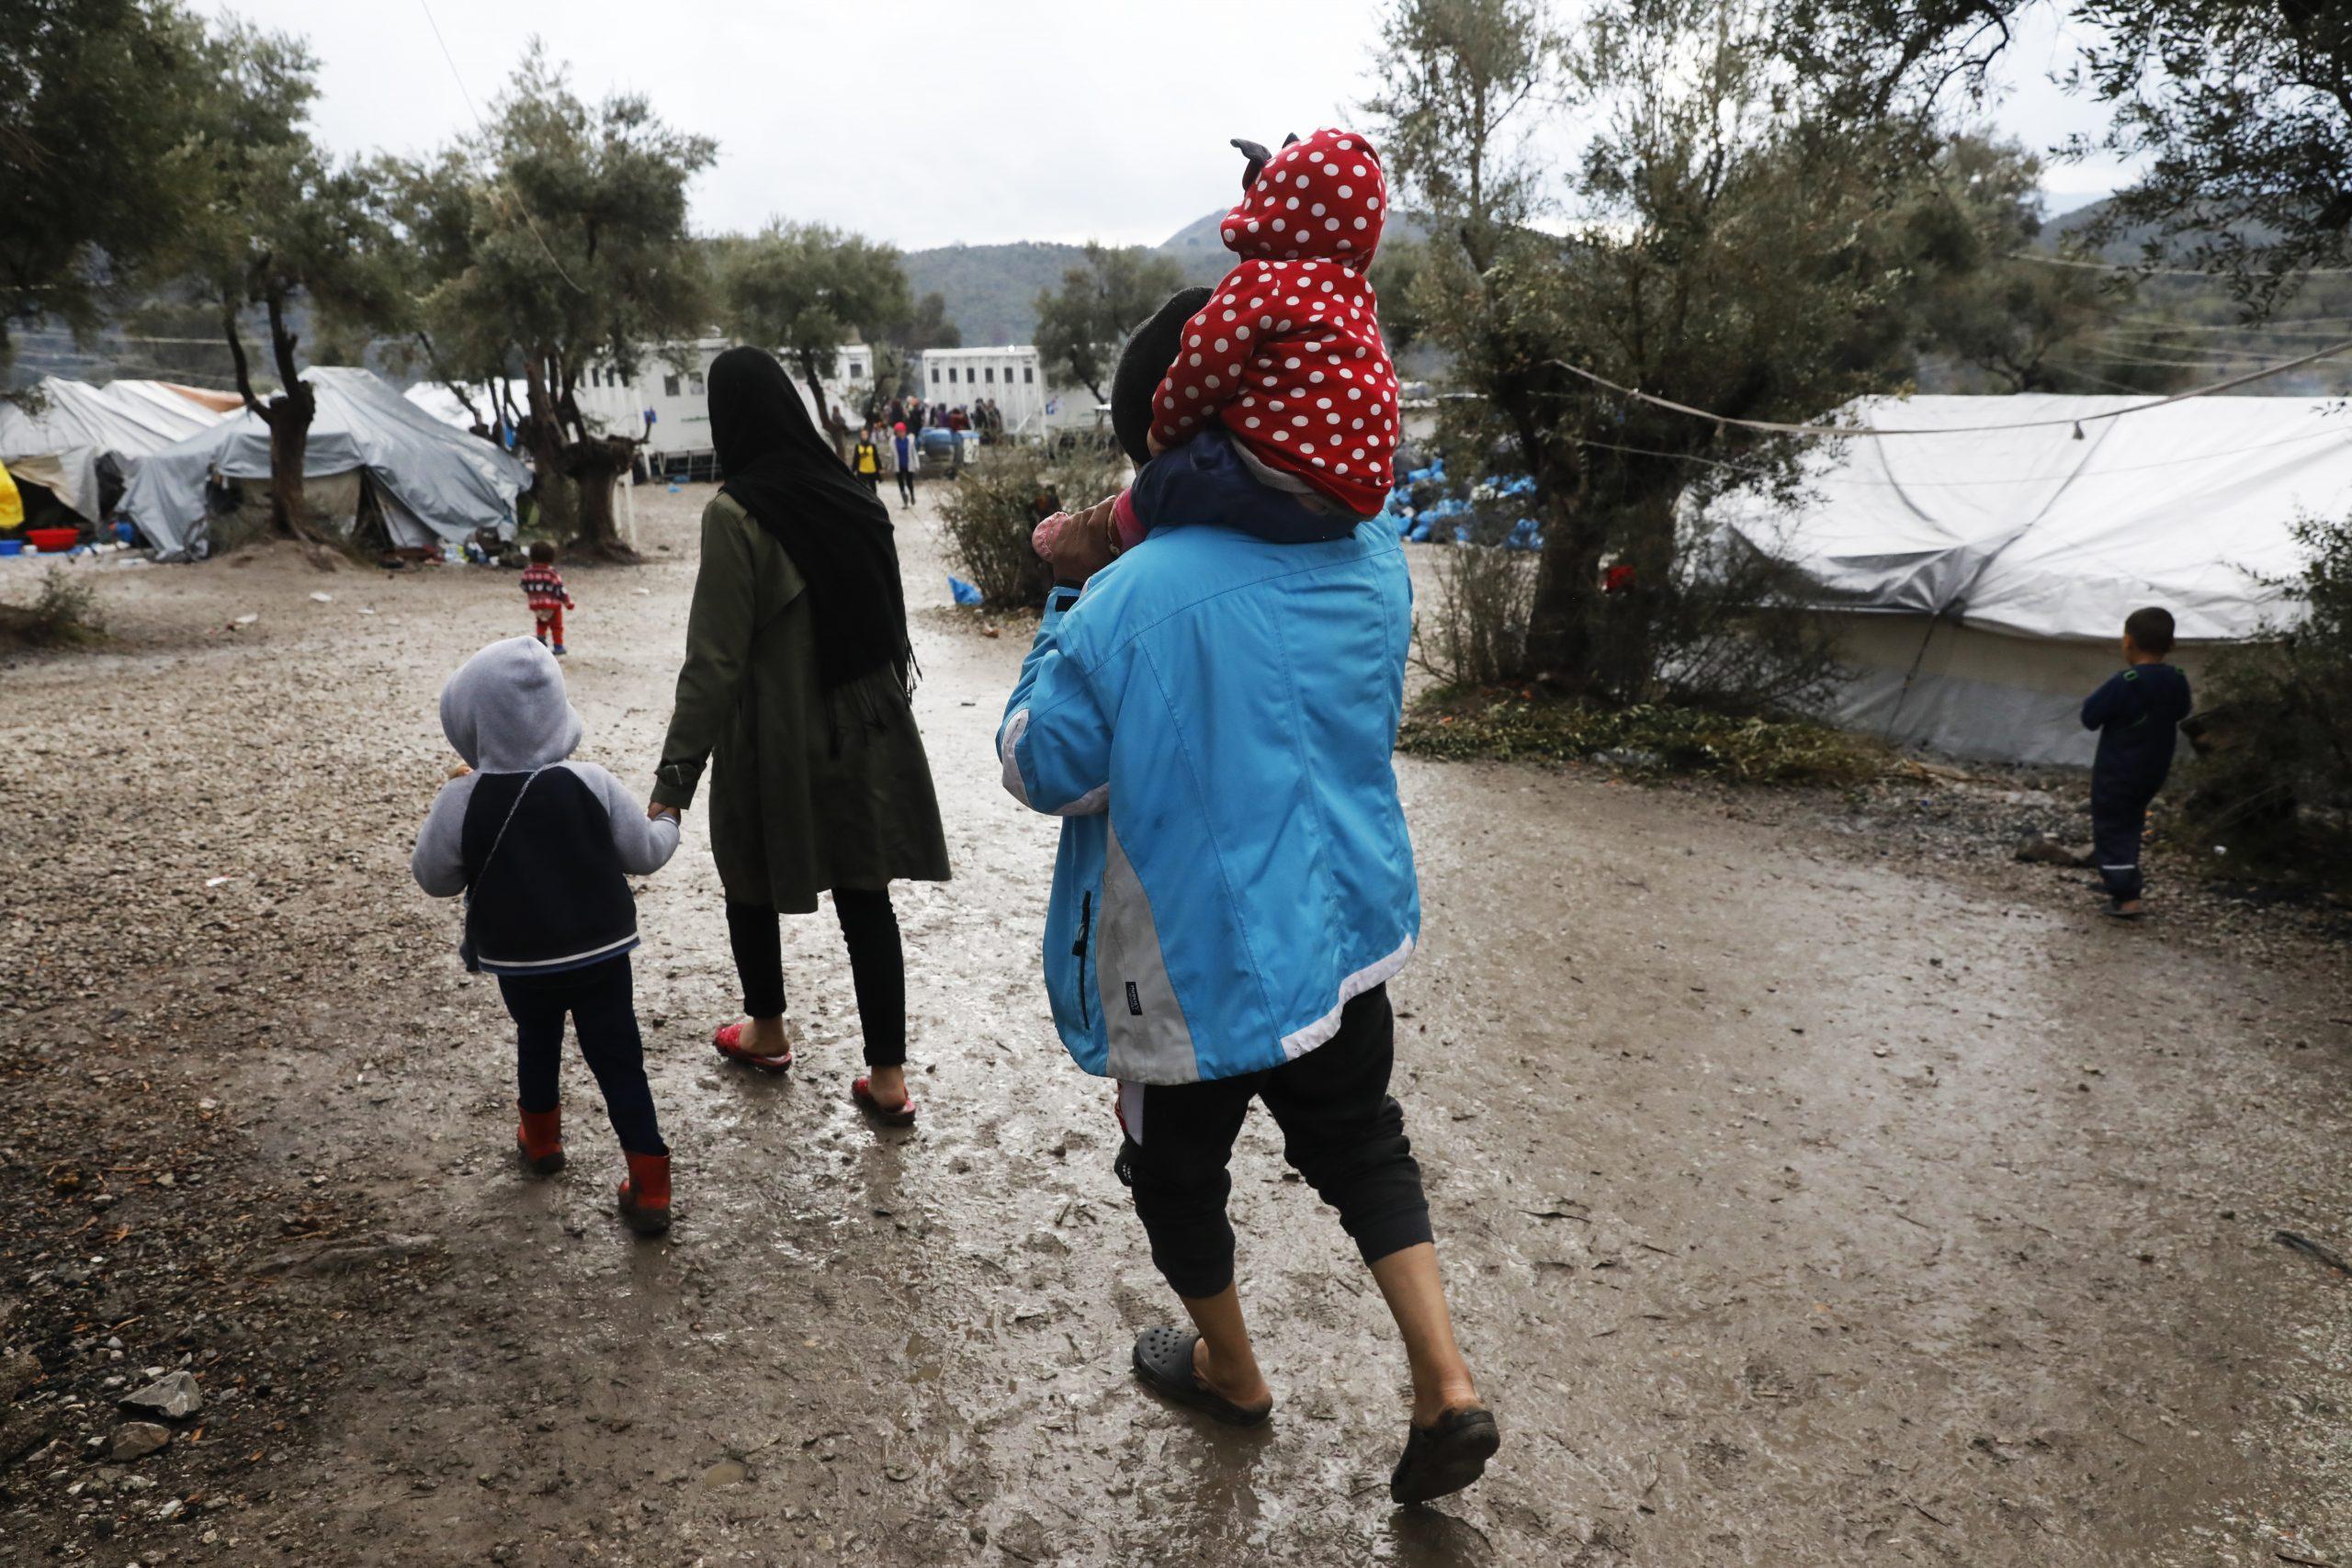 Une famille de quatre personnes marche lentement dans le camp de réfugiés de Mória